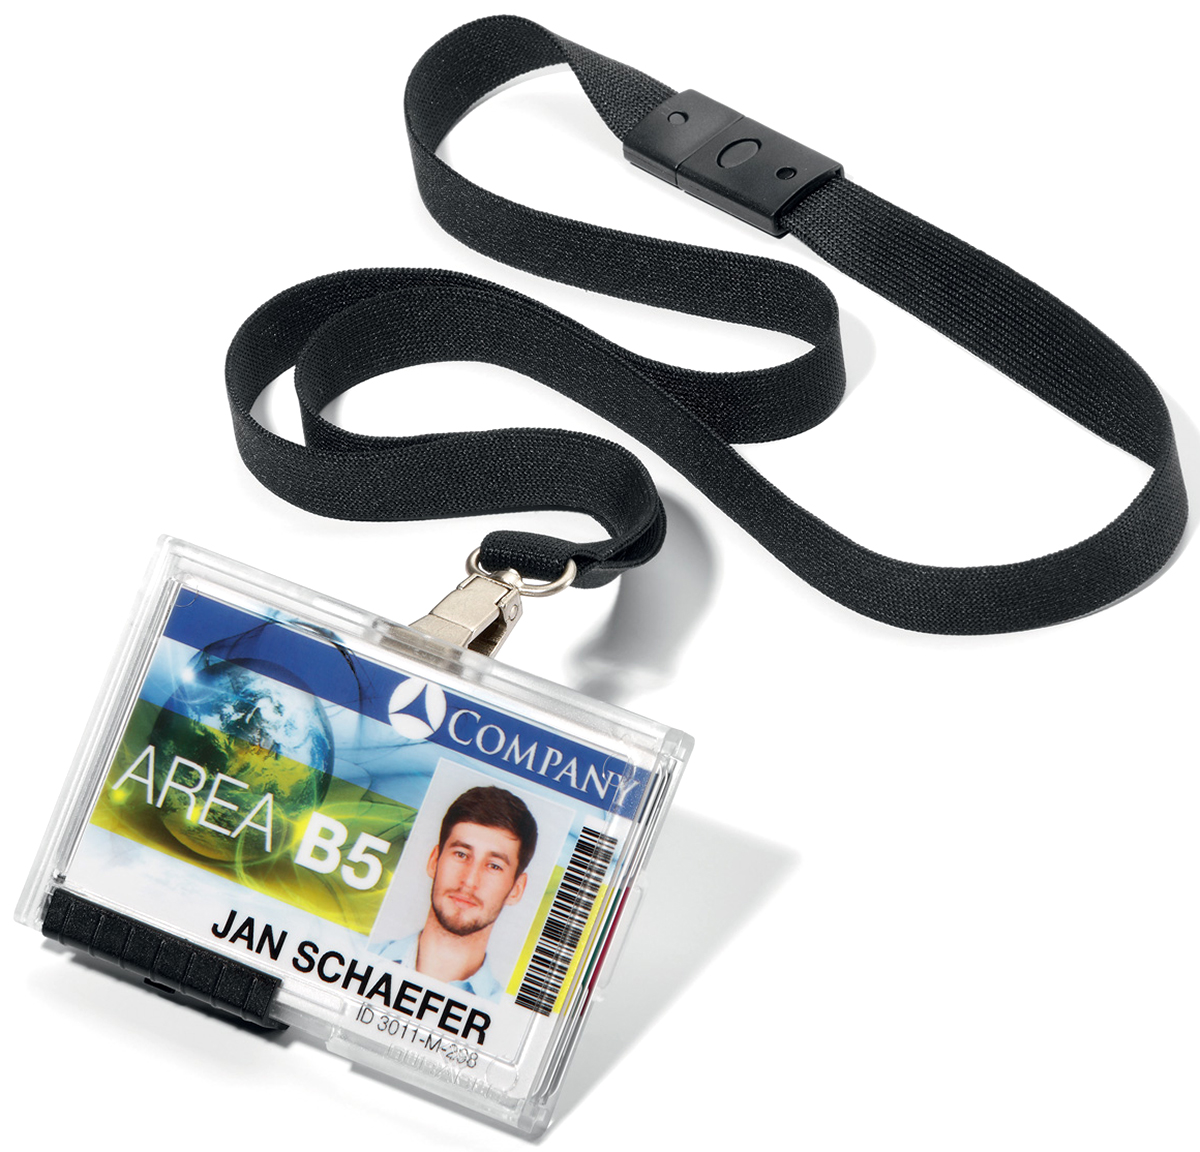 Durable Держатель для пластиковых карточек Pushbox 8925-01 -  Визитницы